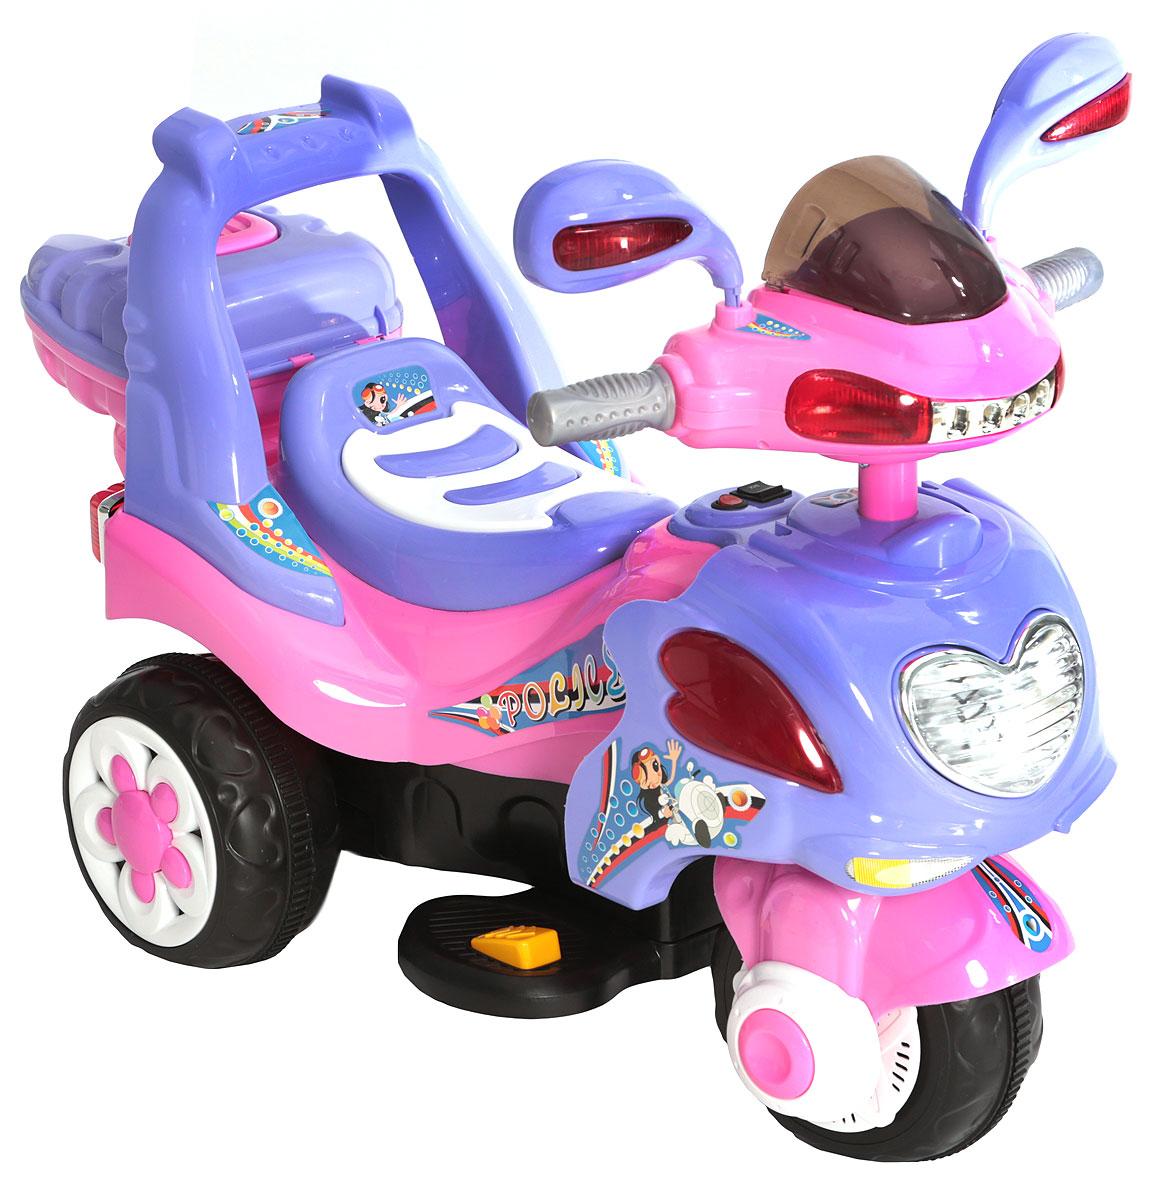 G120 Мотоцикл детский на аккумуляторе с багажником цвет розовый